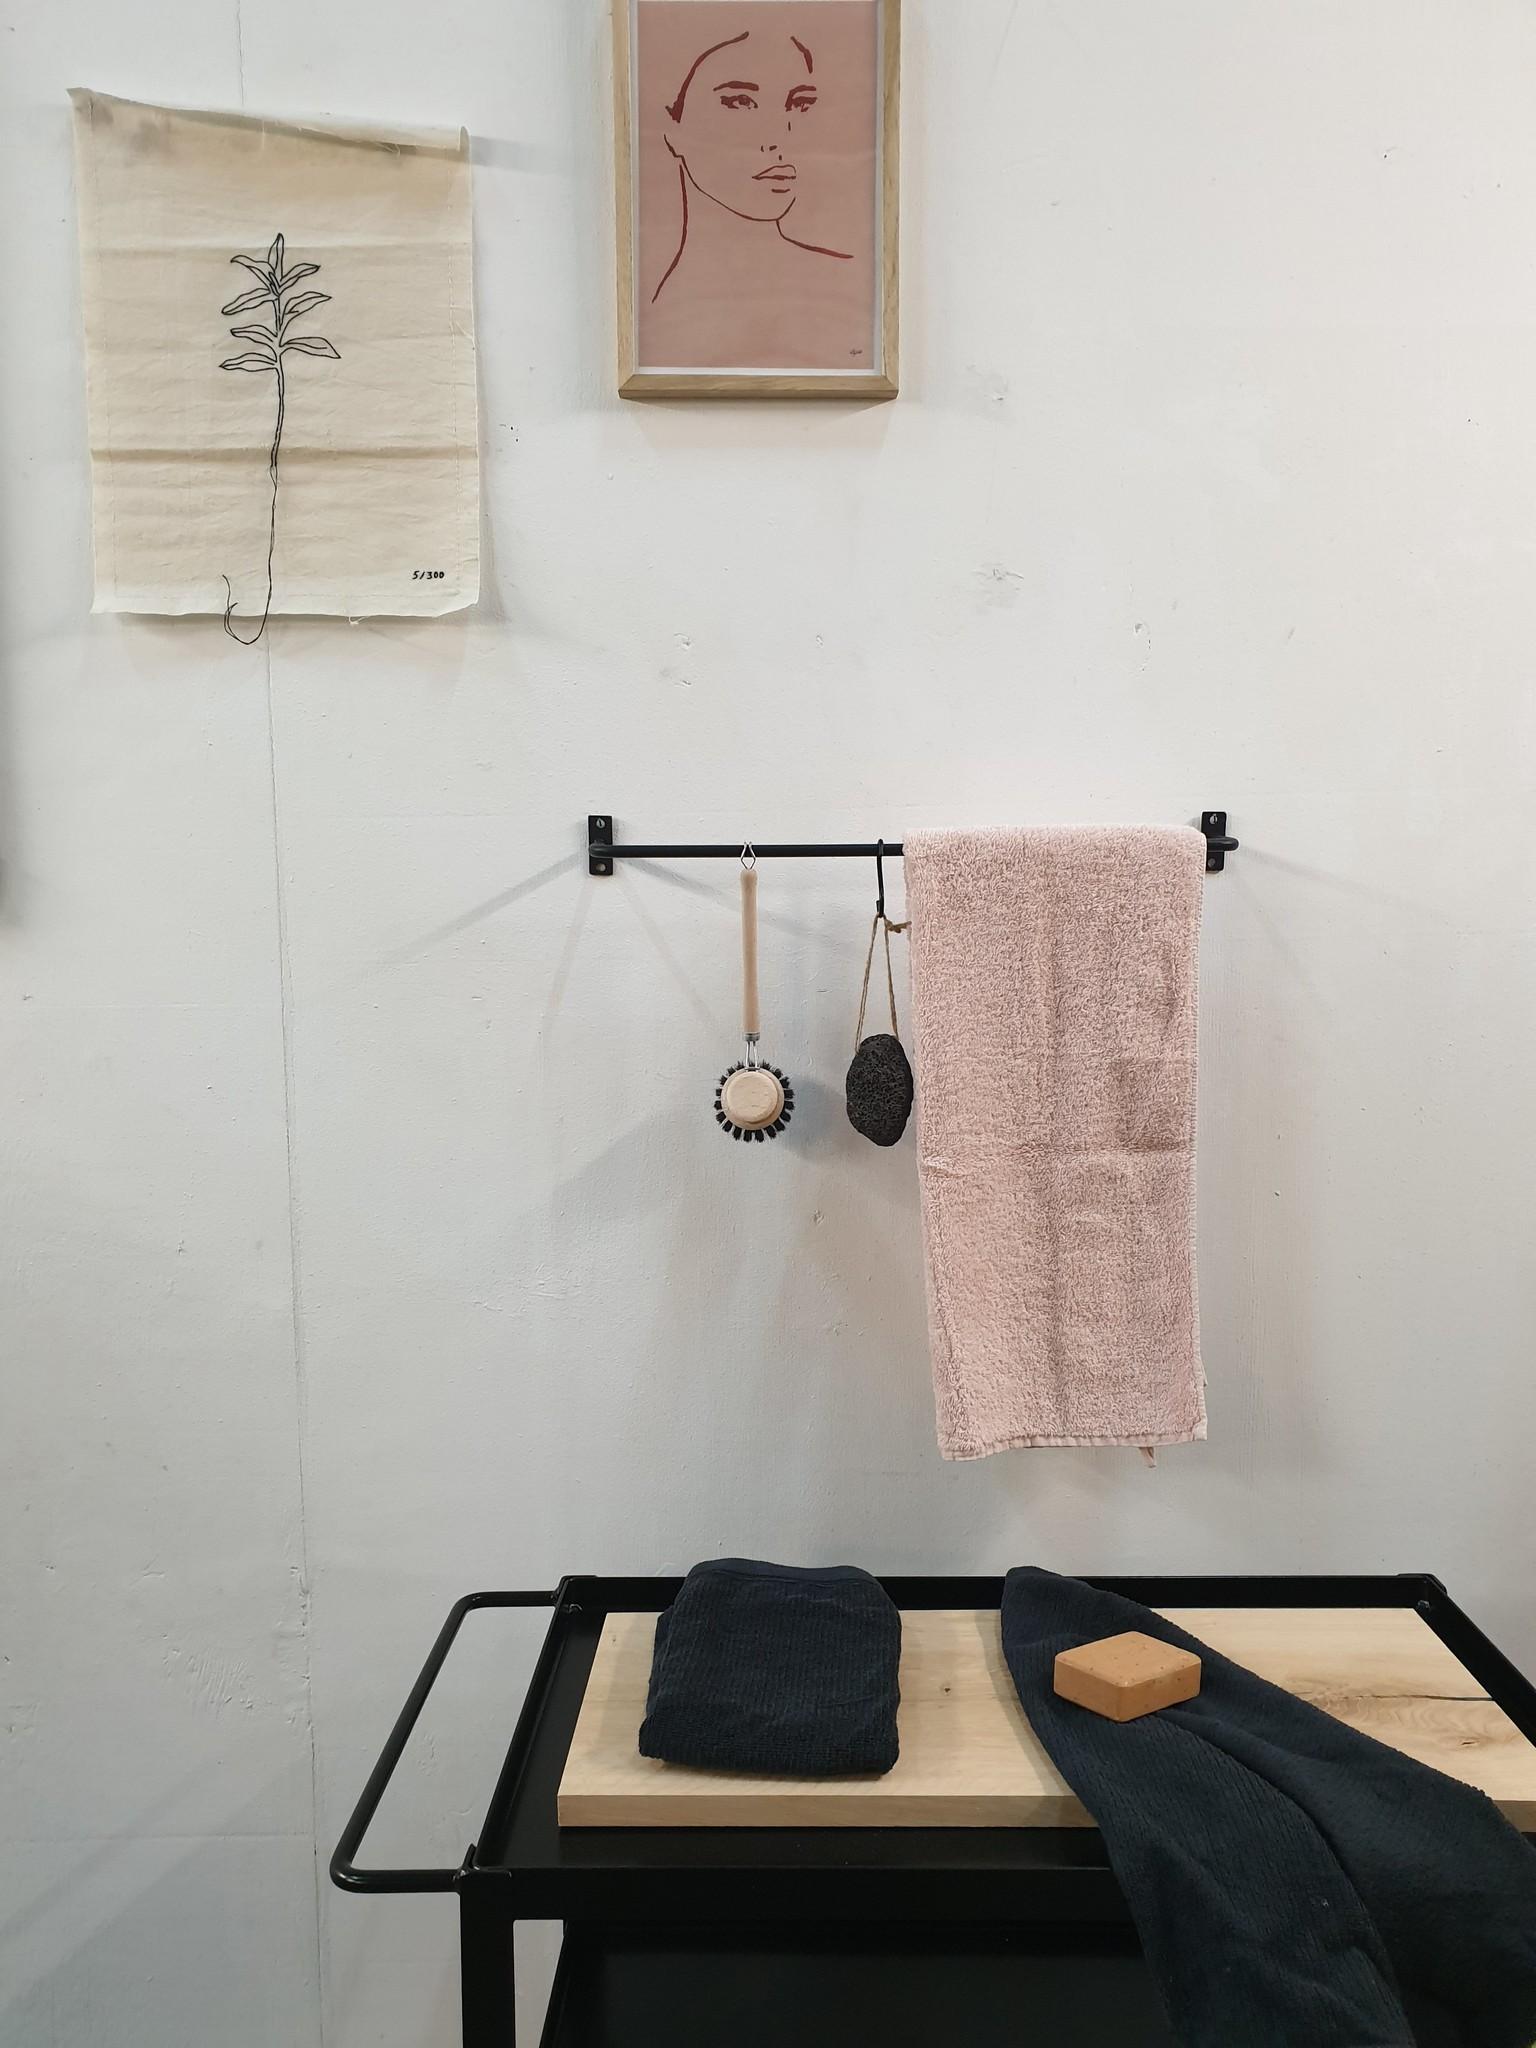 Stoer Metaal metalen keukenstang, handdoekstang, zwart